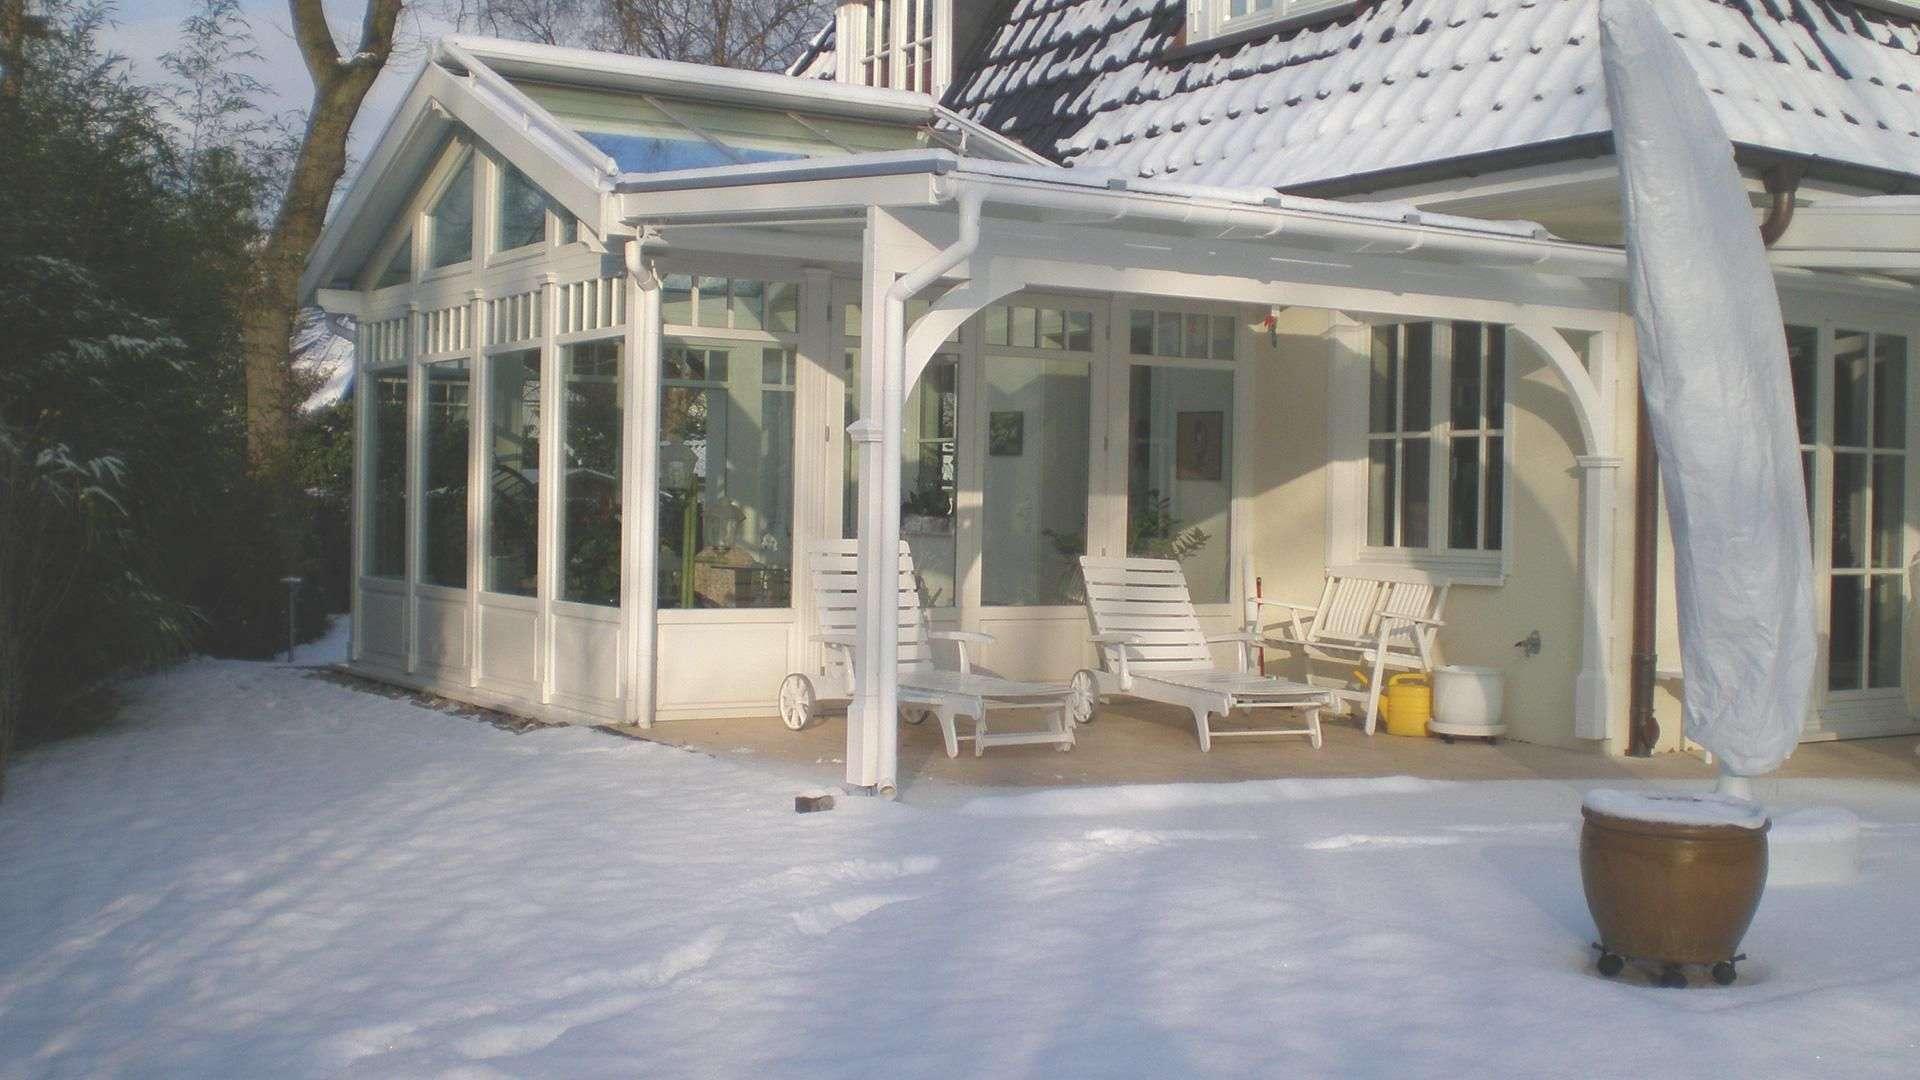 Wintergarten mit Flügeldach an einem Wohnhaus mit schneebedecktem Garten